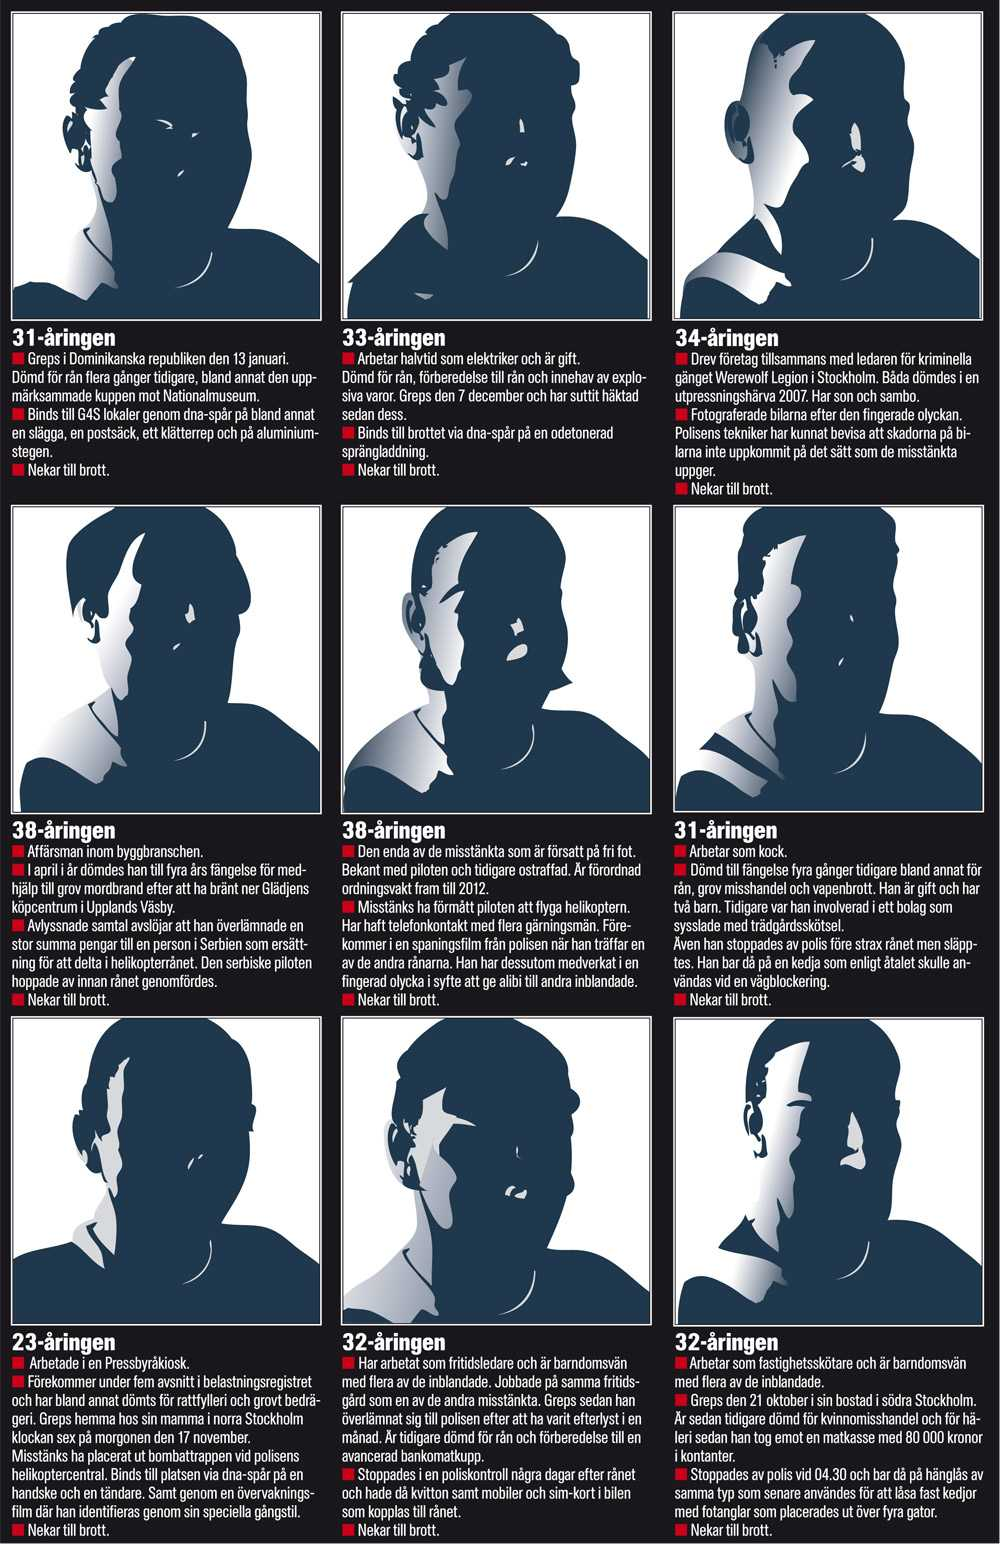 Resten av de åtalade Klicka på bilden för en större version.